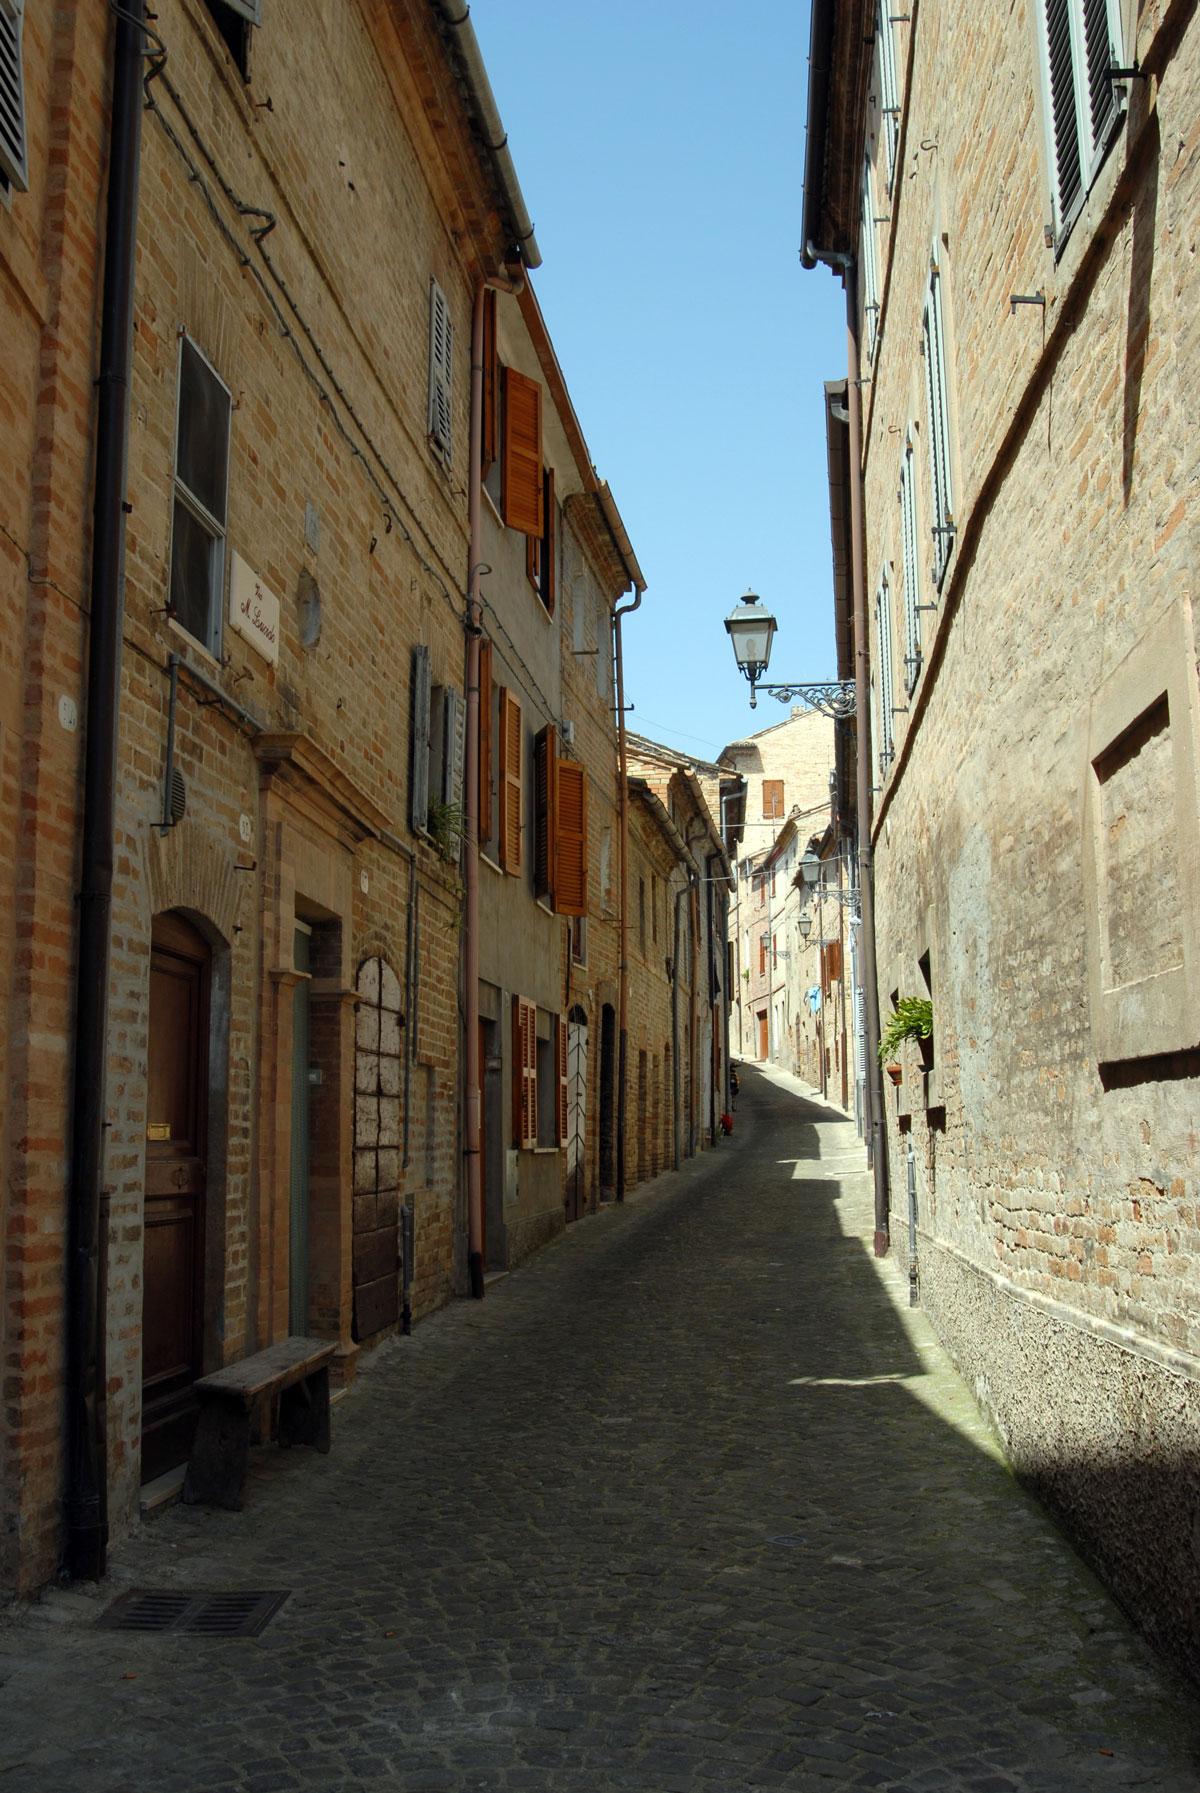 Belmonte Piceno, castello medievale di Fermo